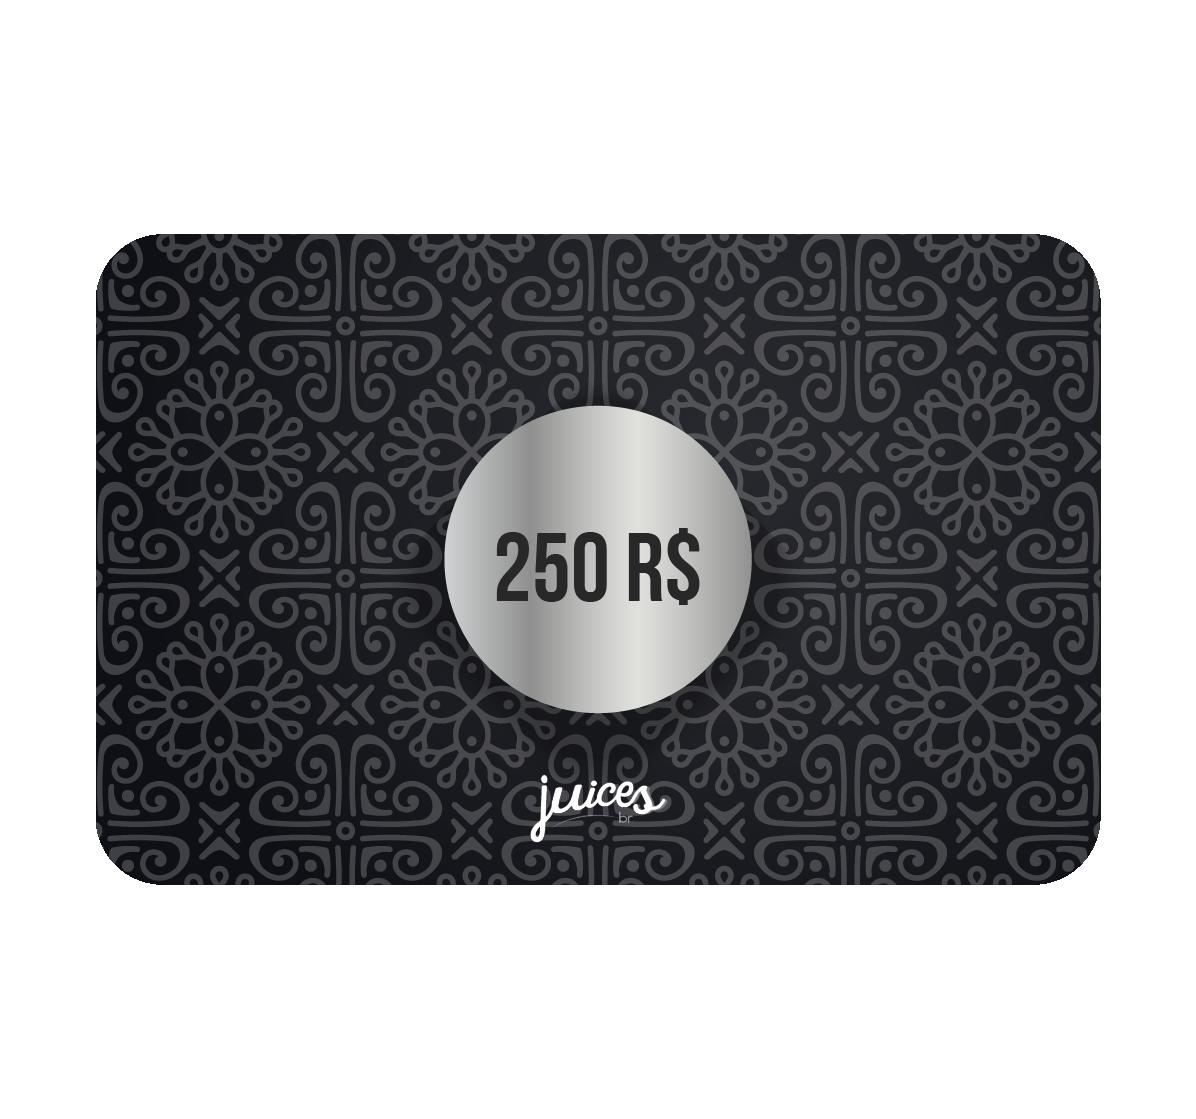 Cartão Presente Online - R$250,00